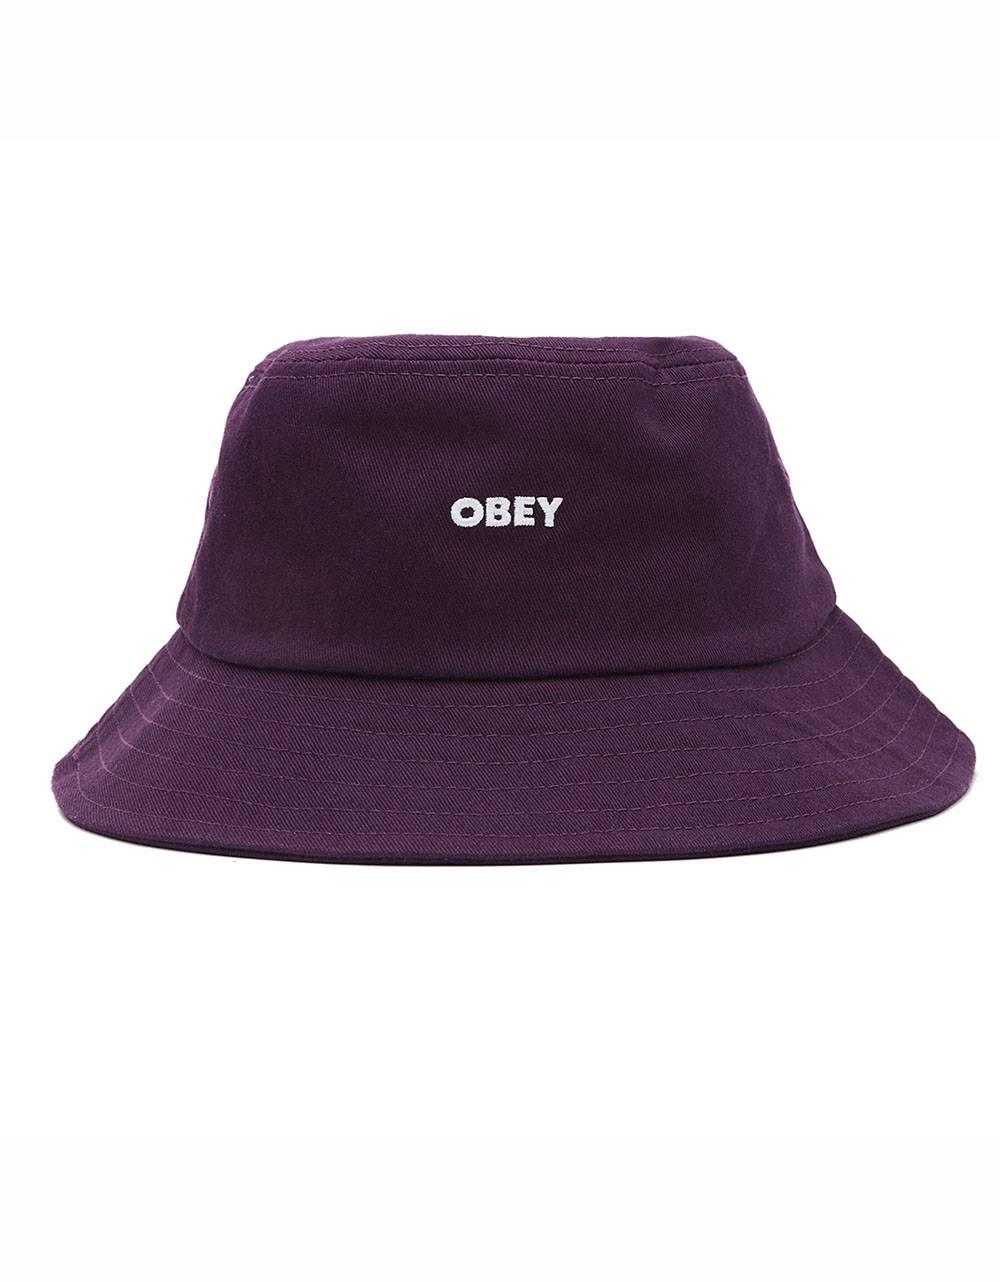 Obey bold bucket hat - purple nitro obey Hat 49,00€